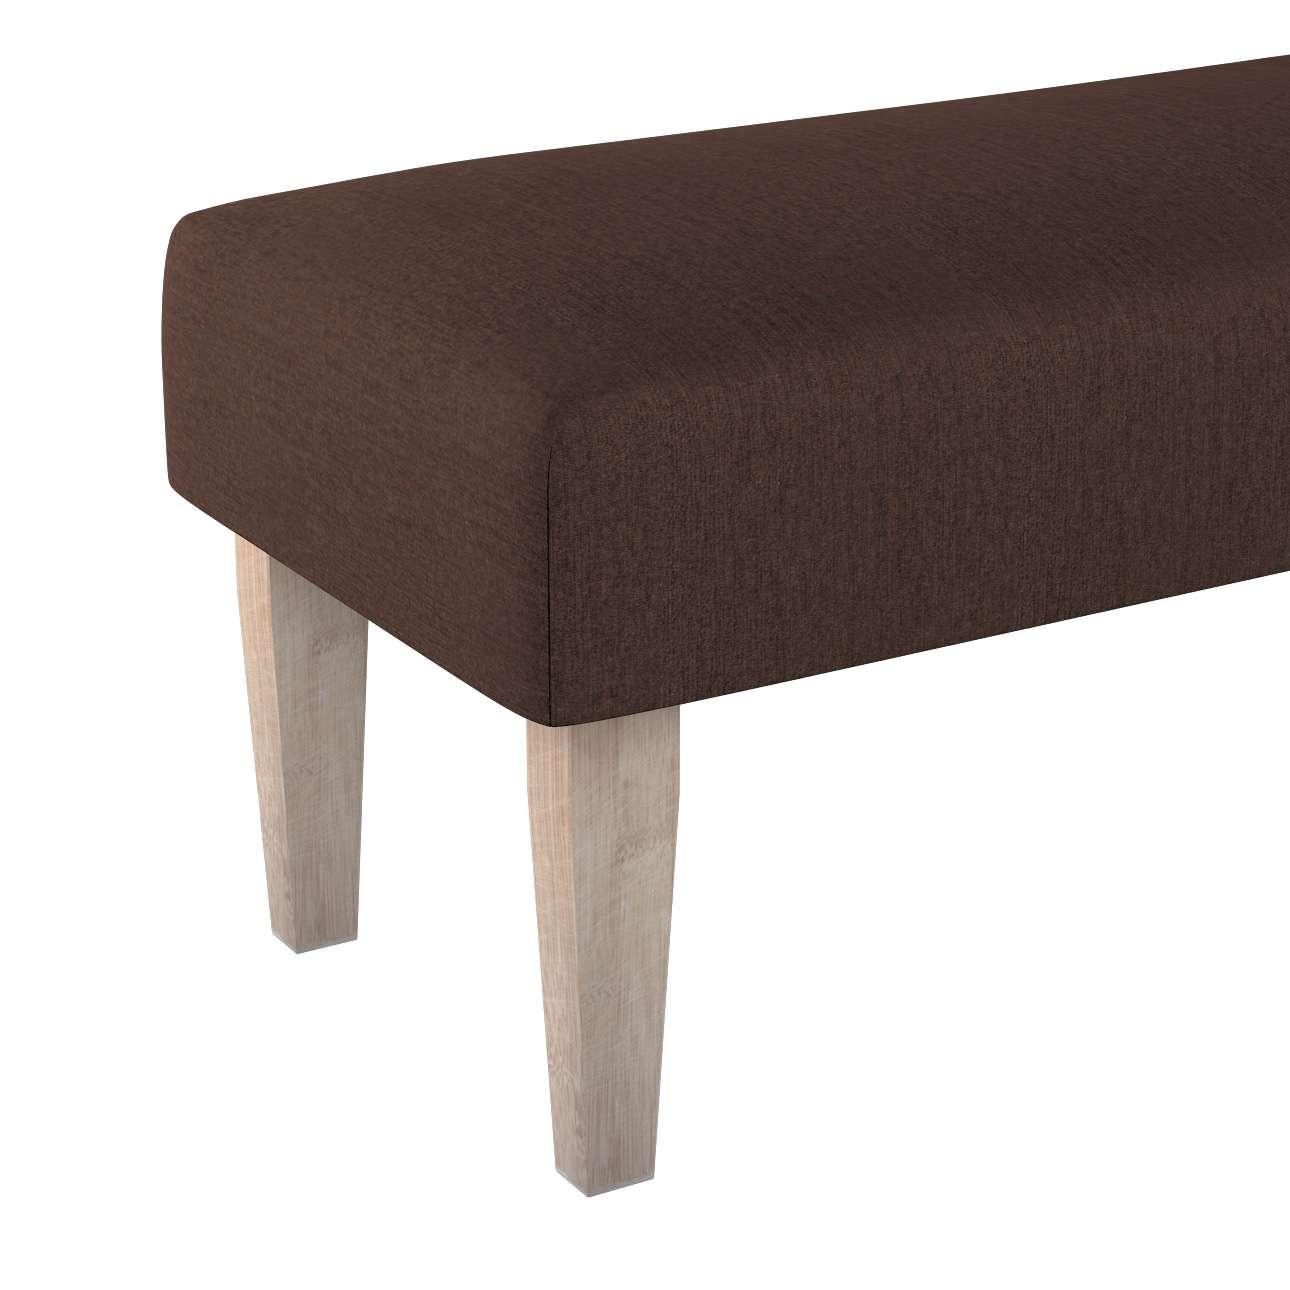 Sitzbank 100cm von der Kollektion Chenille, Stoff: 702-18